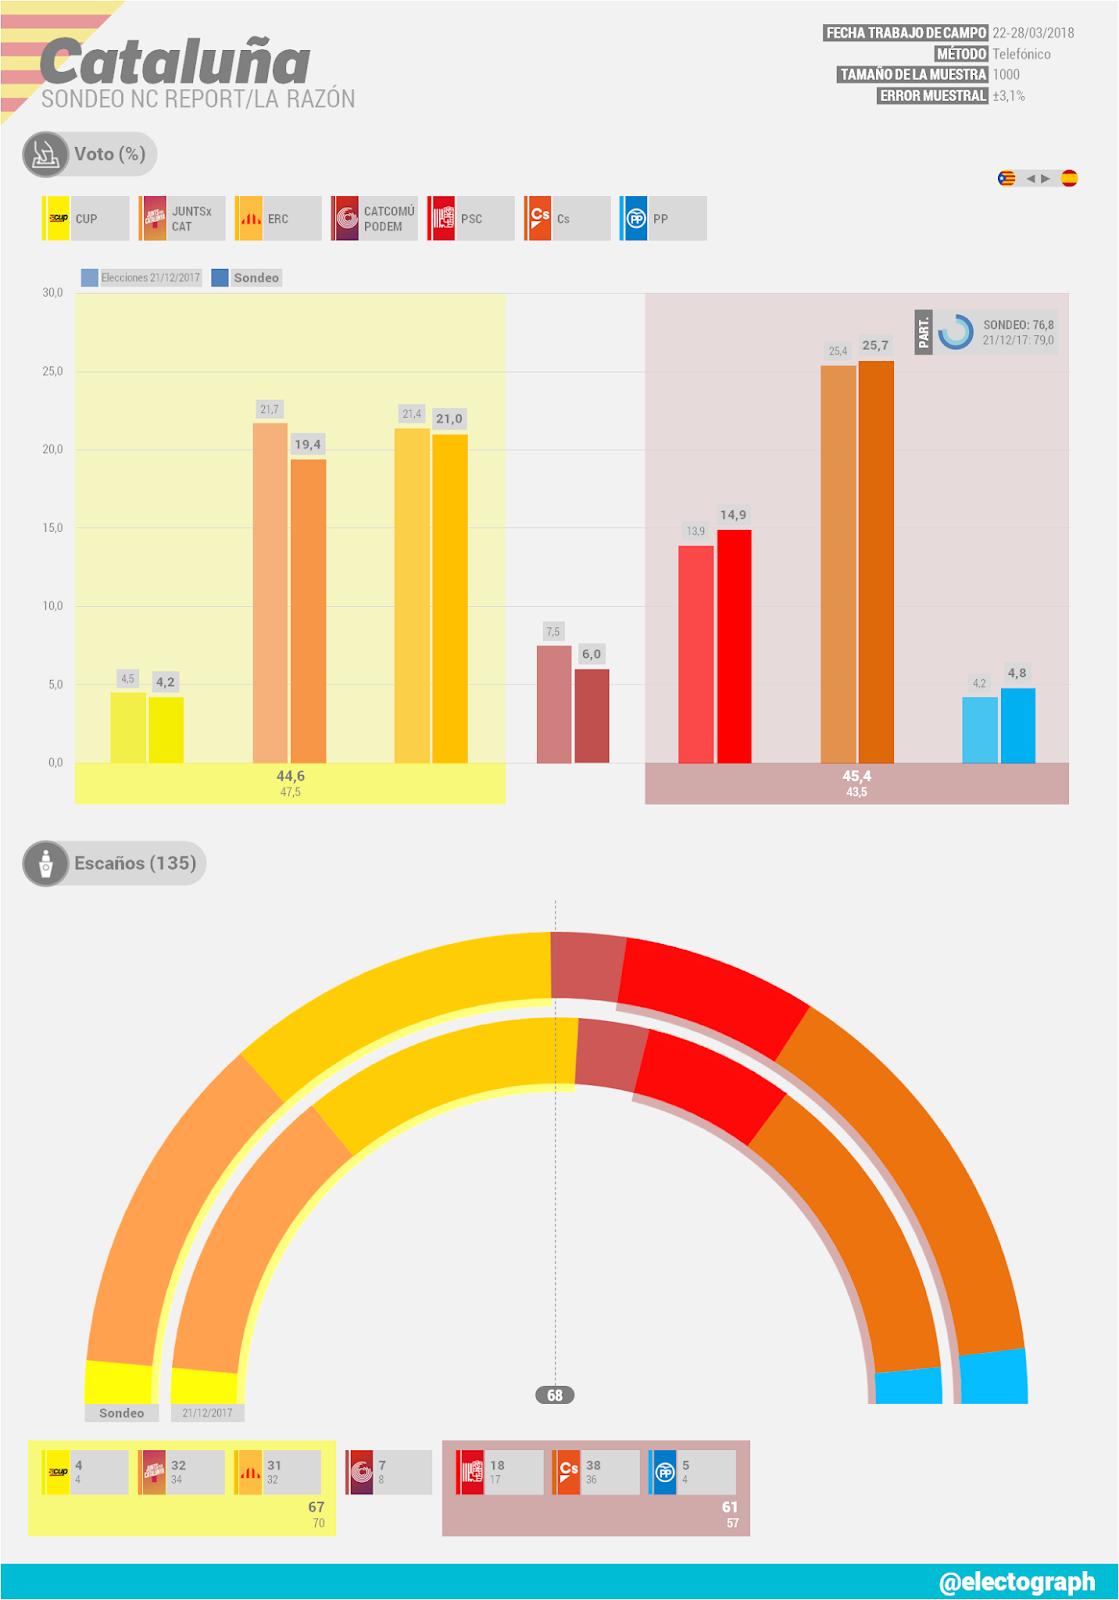 Encuestas para Cataluña - Página 2 CATALU%25C3%2591A_Encuesta_NC_Report_Marzo_2018